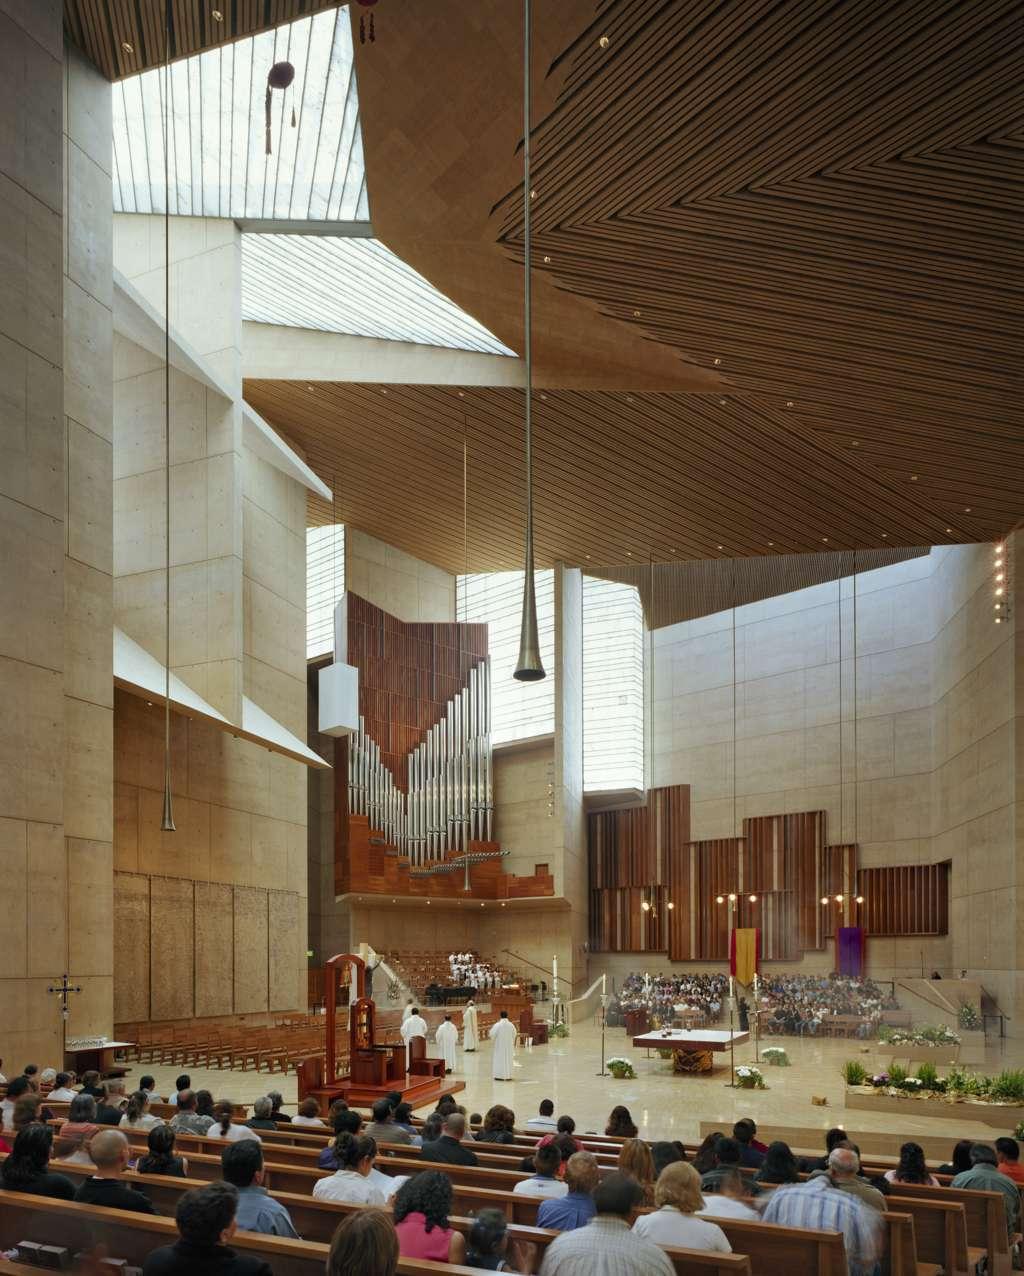 Cattedrale di Los Angeles, la pedana pesbiterale. Molto ampia presenta da un lato (sulla sinistra della fotografia) la cattedra e sul lato opposto l'organo e il coro.